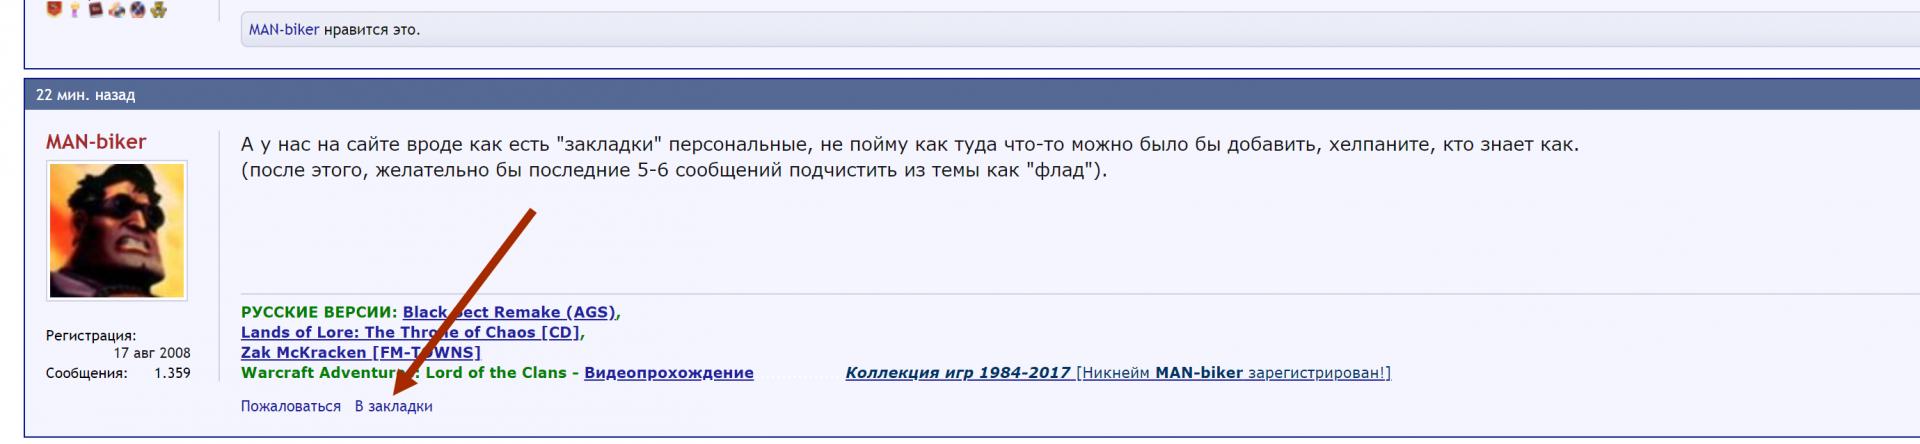 apicplus.ru_img_1802_12_d35fdb6d.png